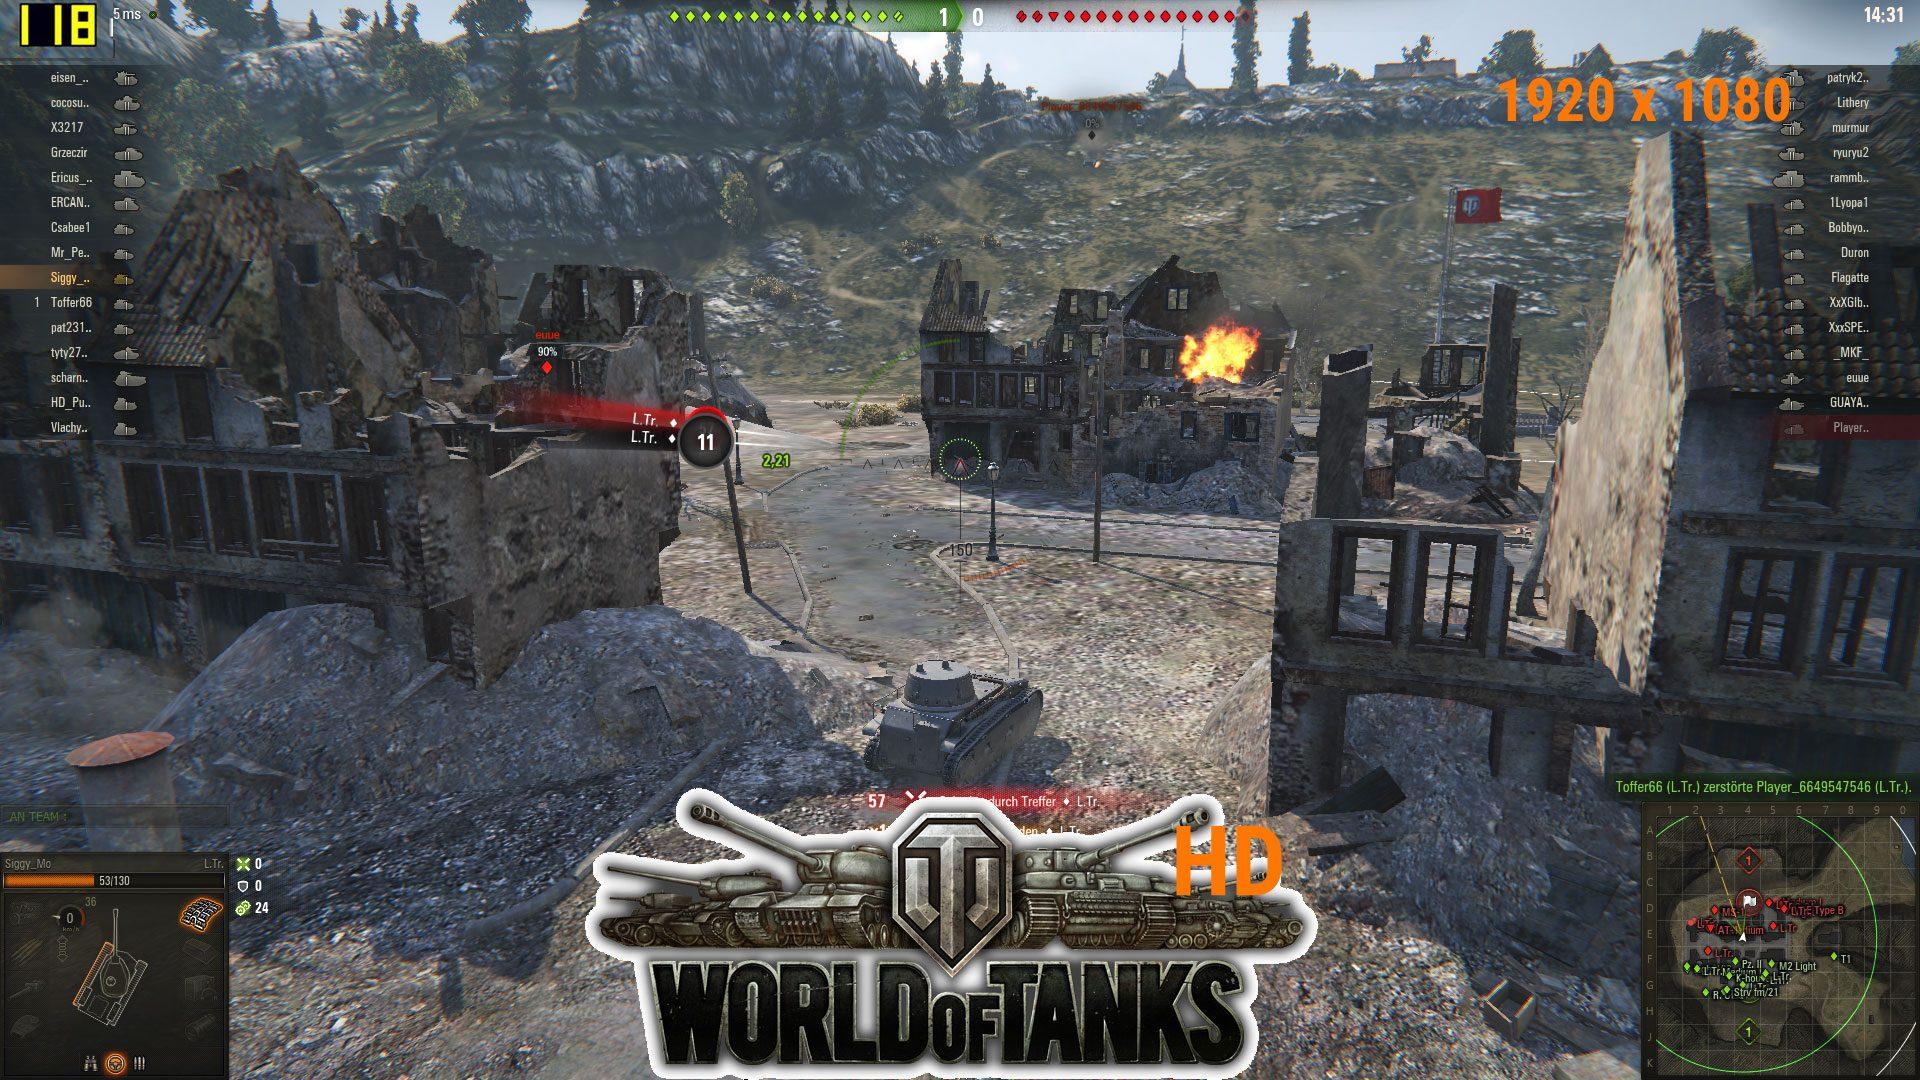 Asus-ROG-Zephyrus-GX501VI-GZ020T_Games-3